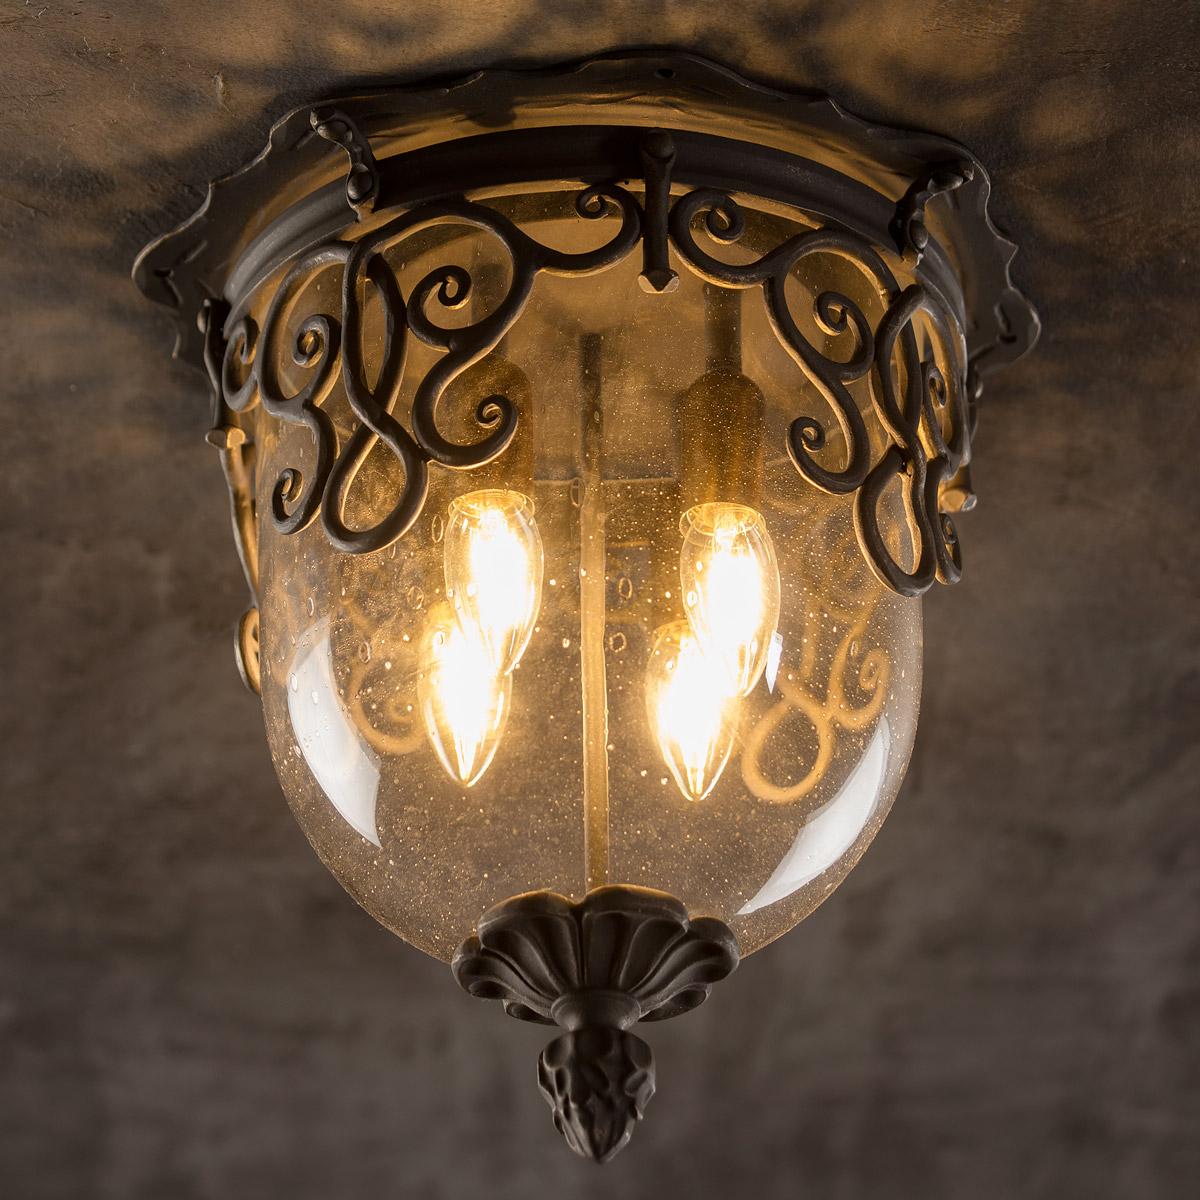 Deckenleuchte mit glas kuppel und schmiedeeisen ornamenten for Italienische leuchten